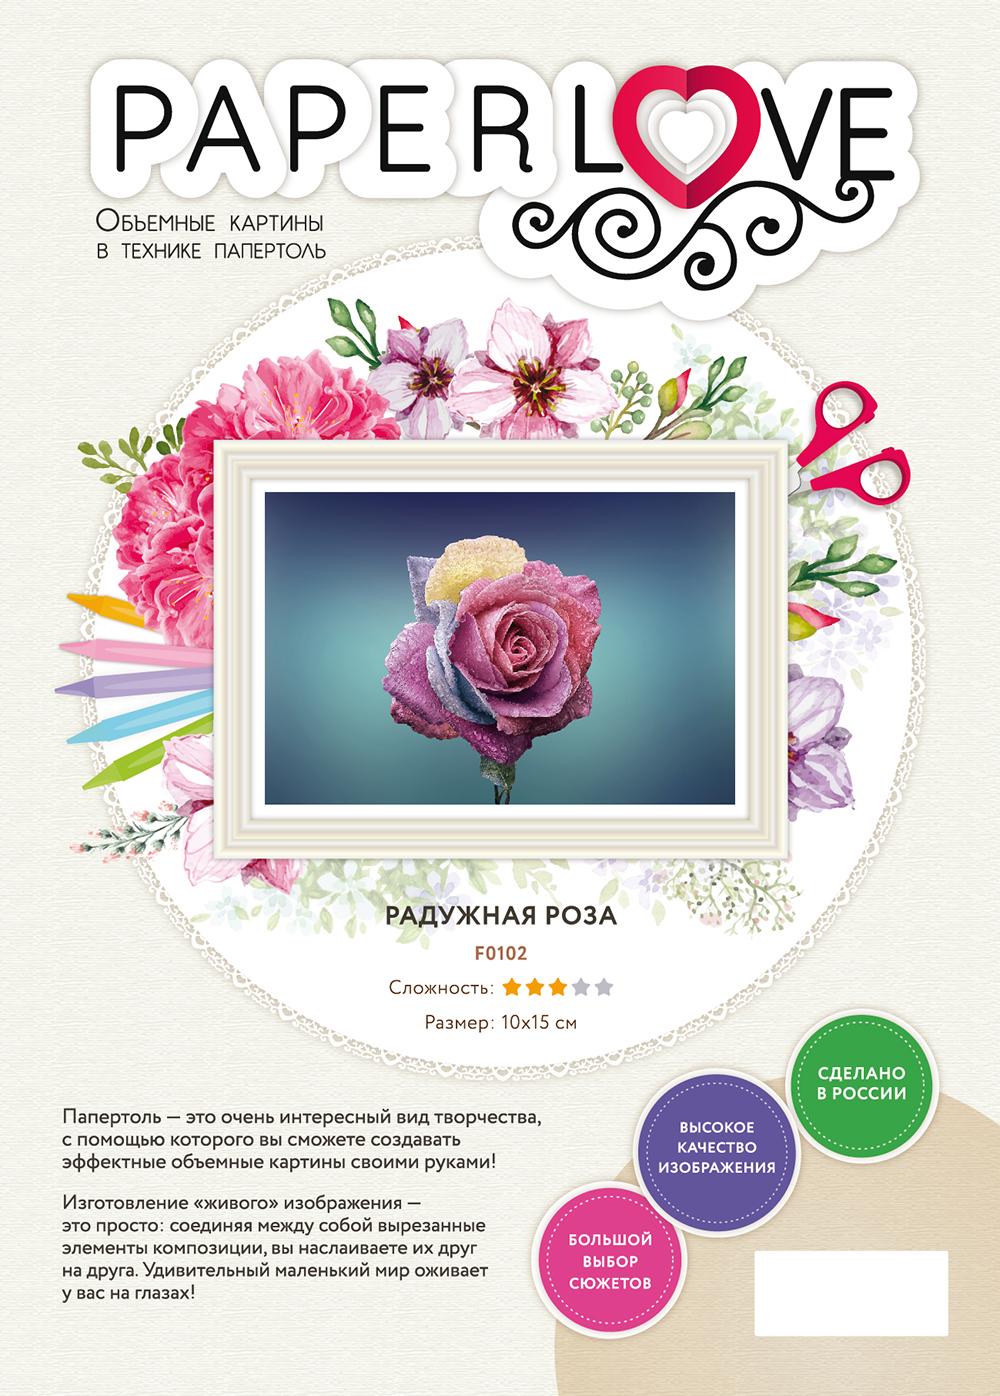 Папертоль Радужная роза — фотография обложки.